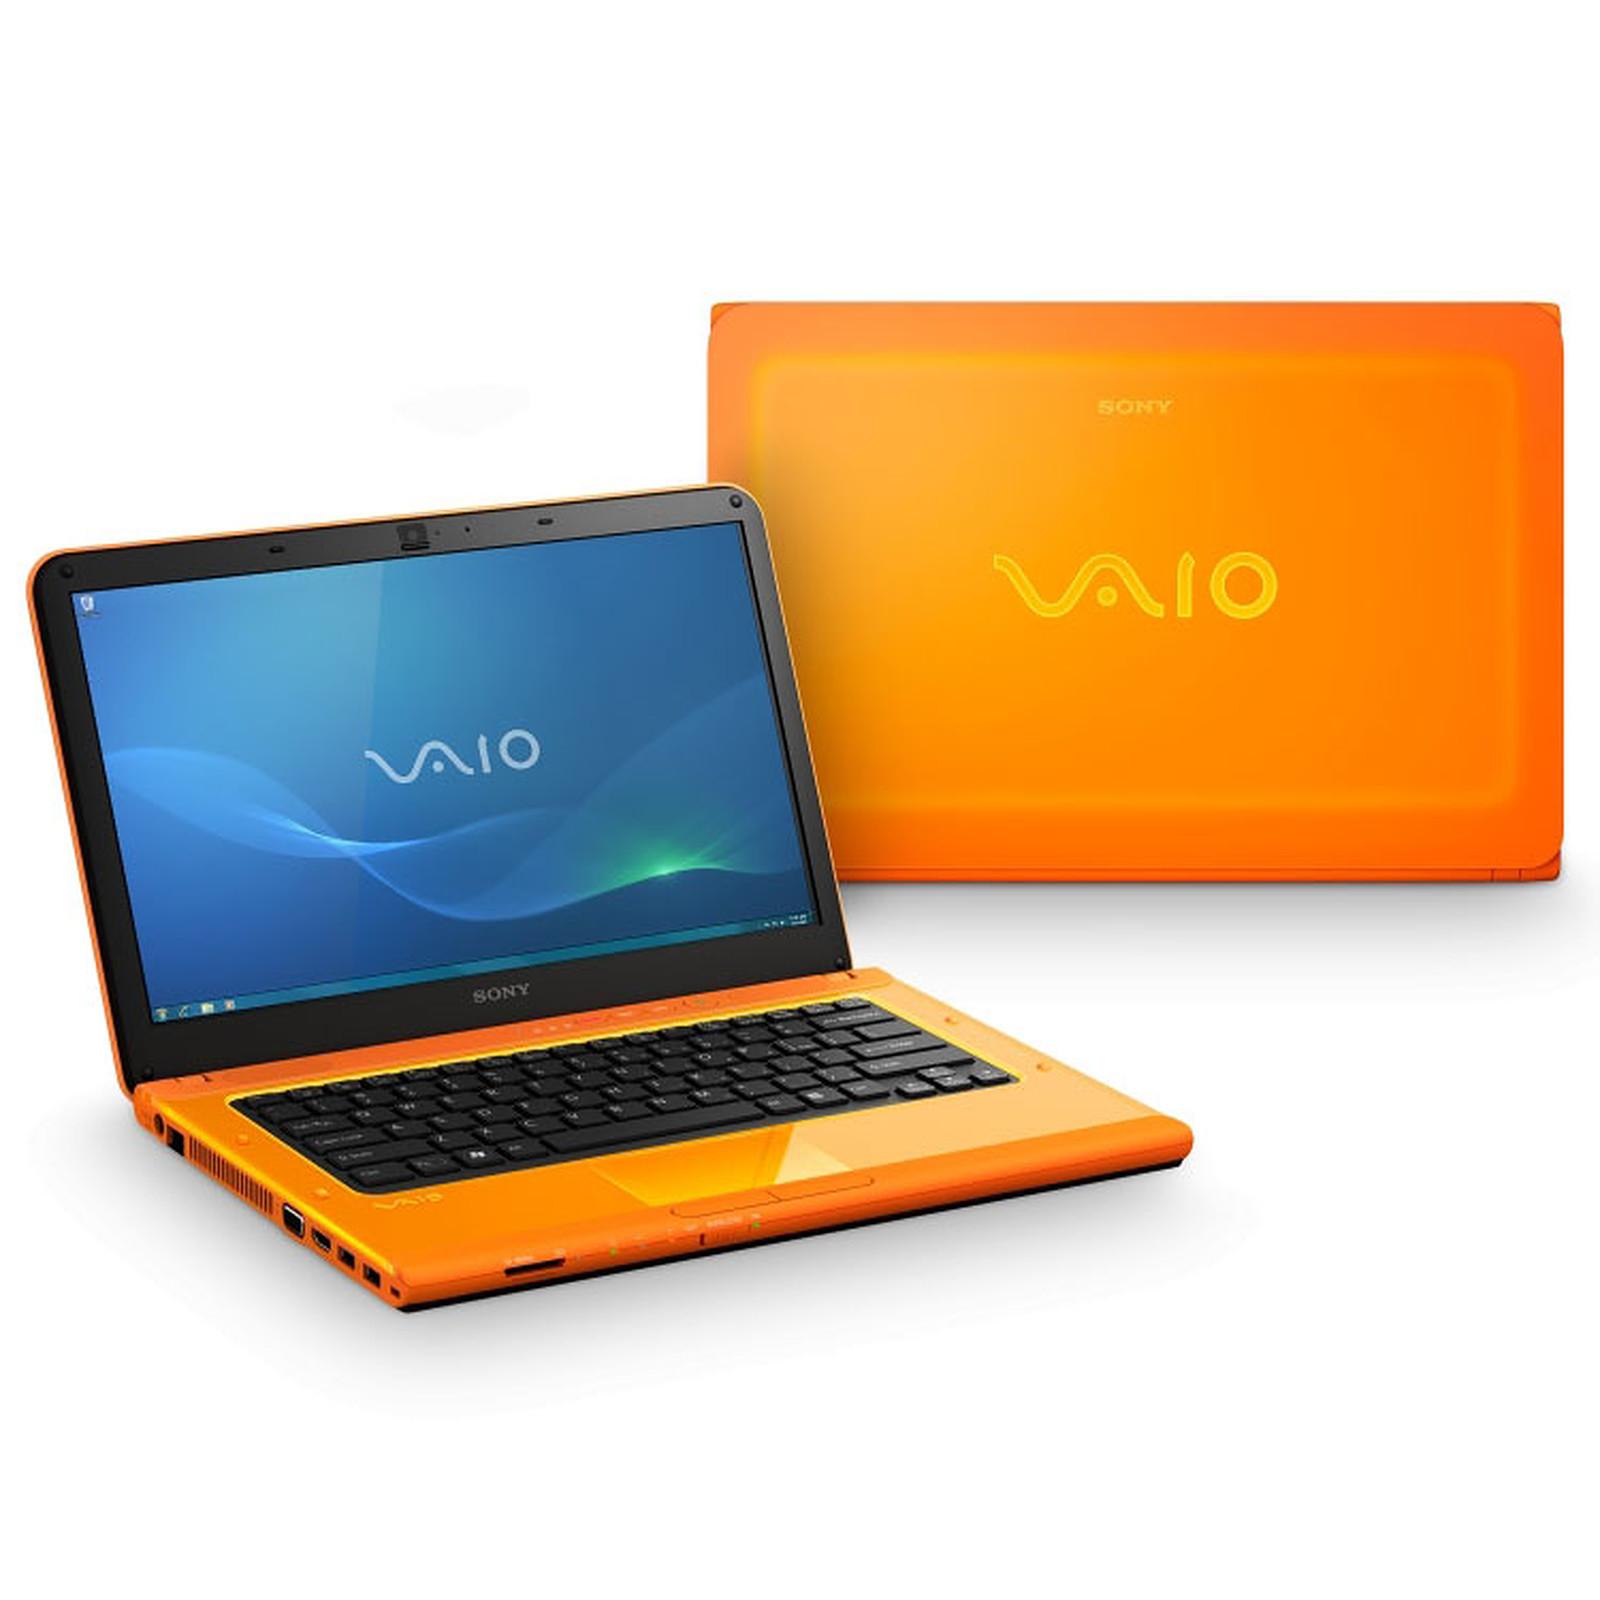 Sony VAIO CA3S1E Orange